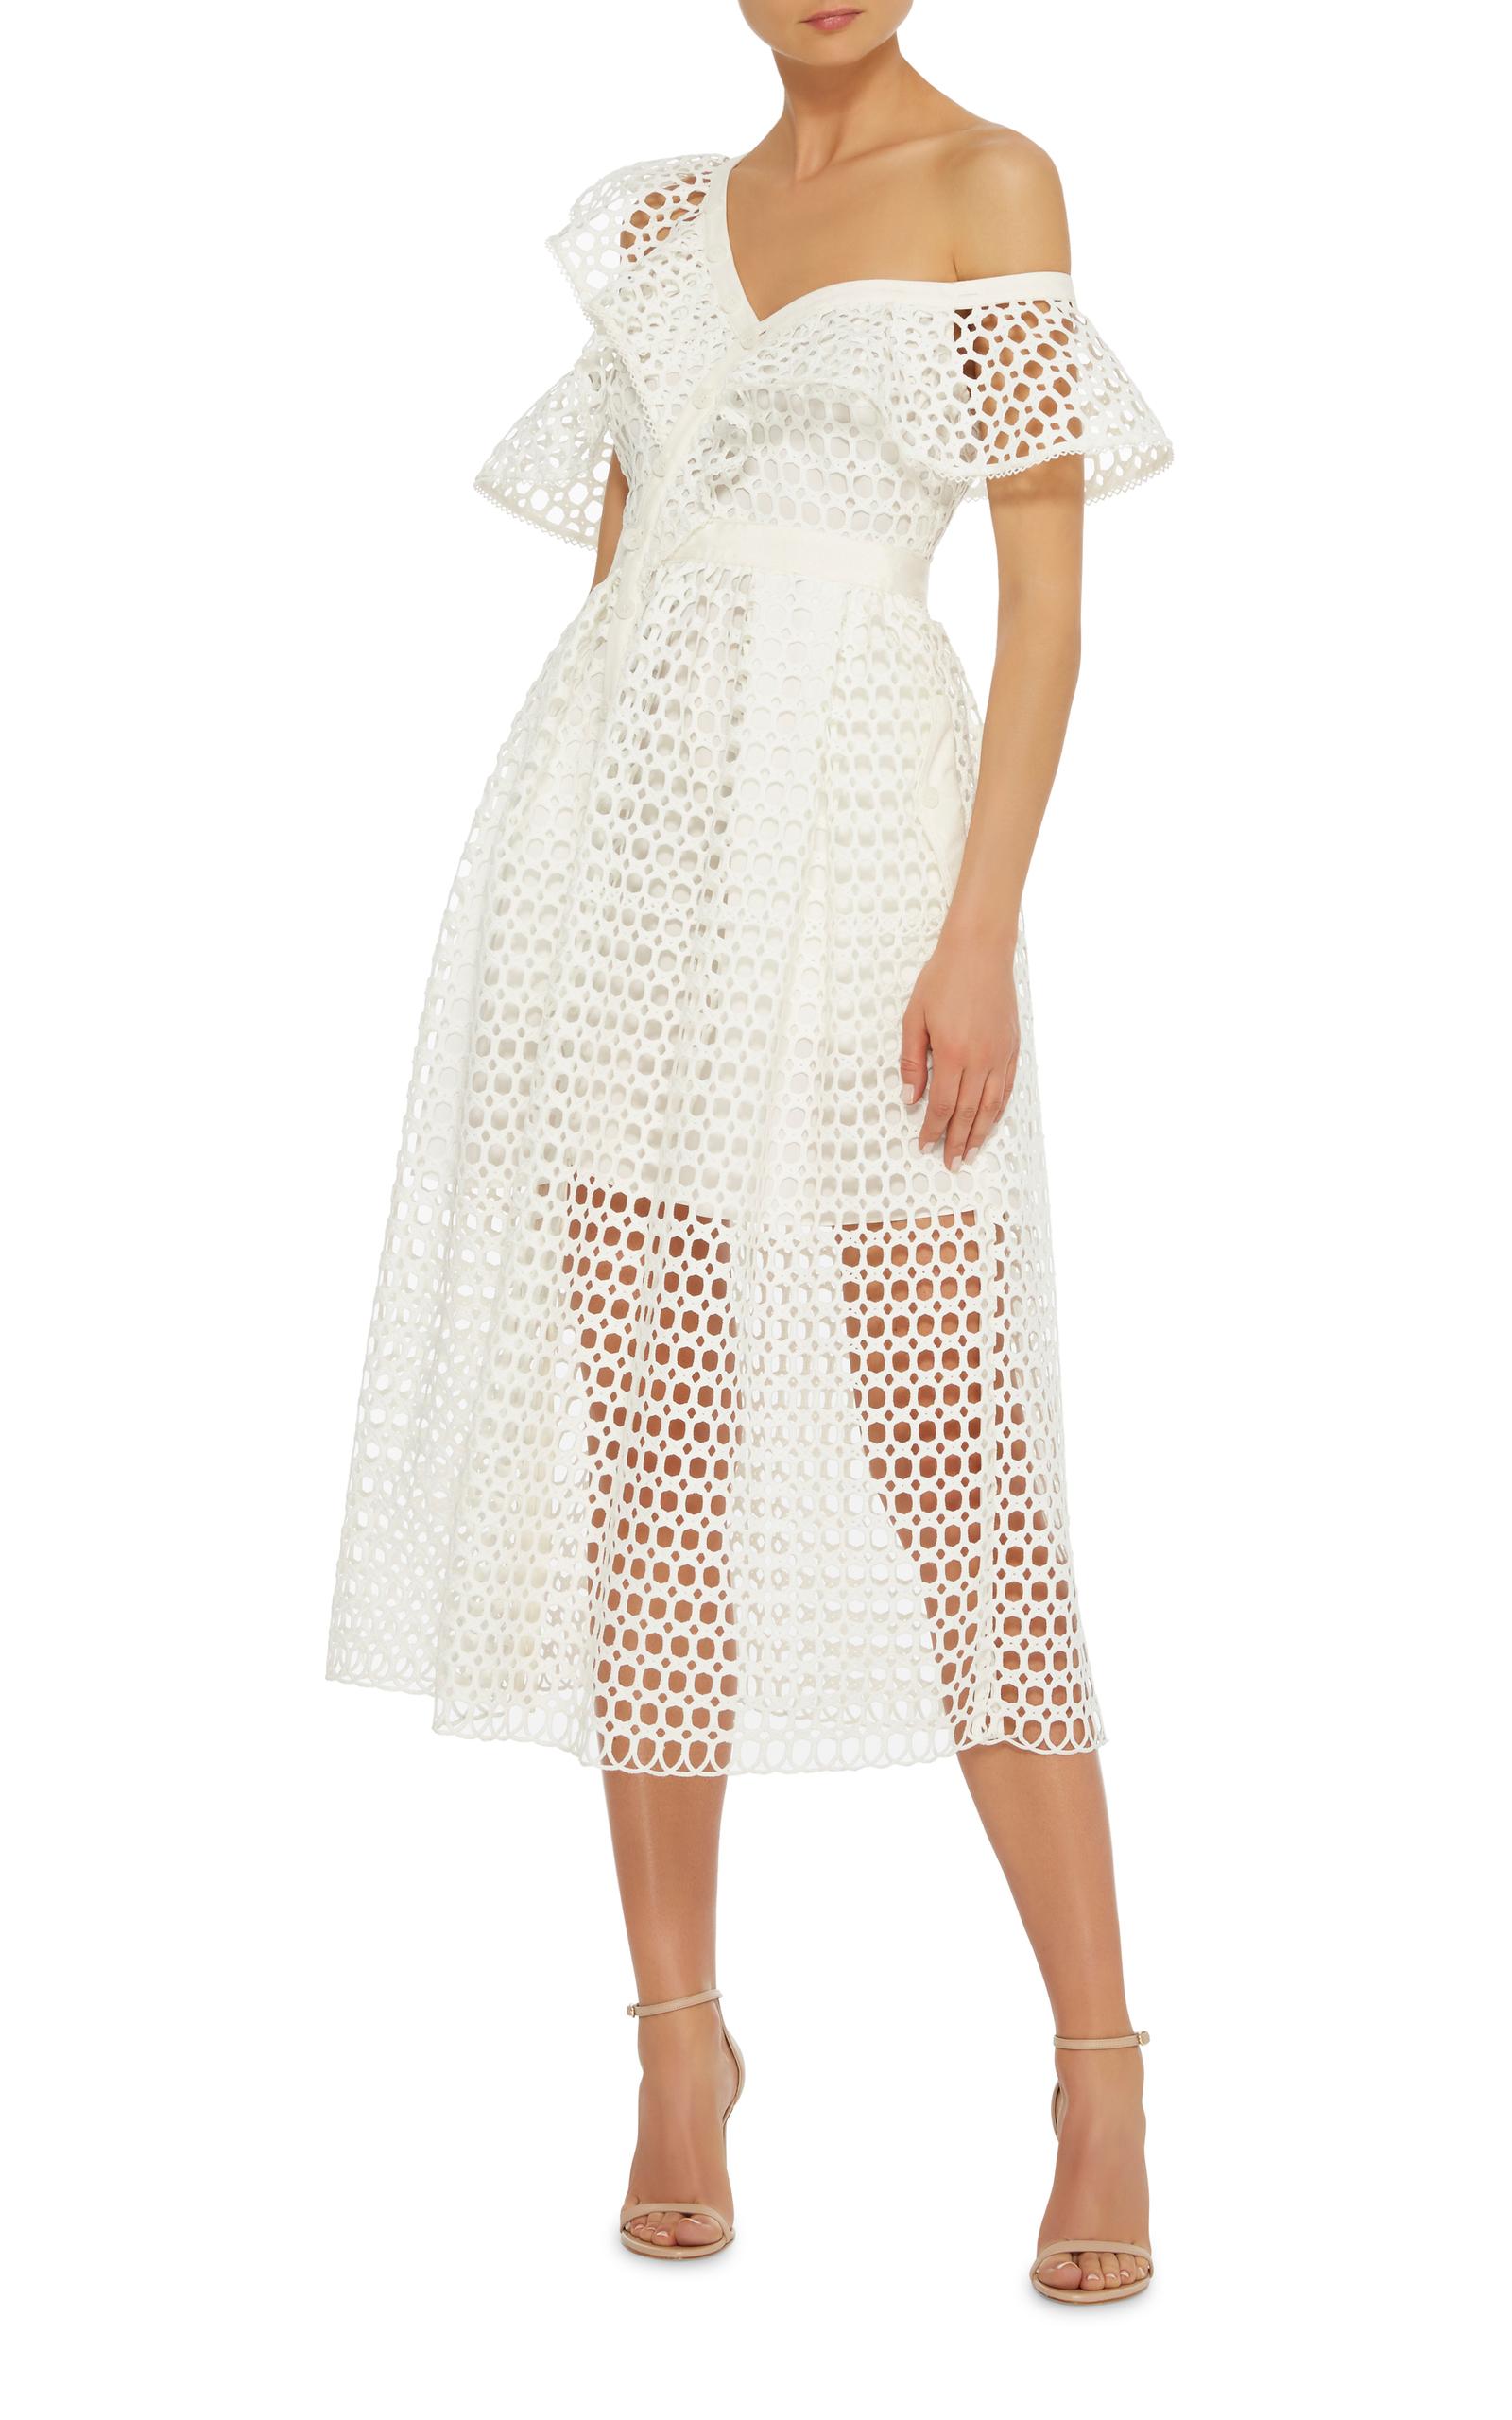 af10b96b6616 Off-The-Shoulder Ruffled Midi Dress by Self Portrait   Moda Operandi